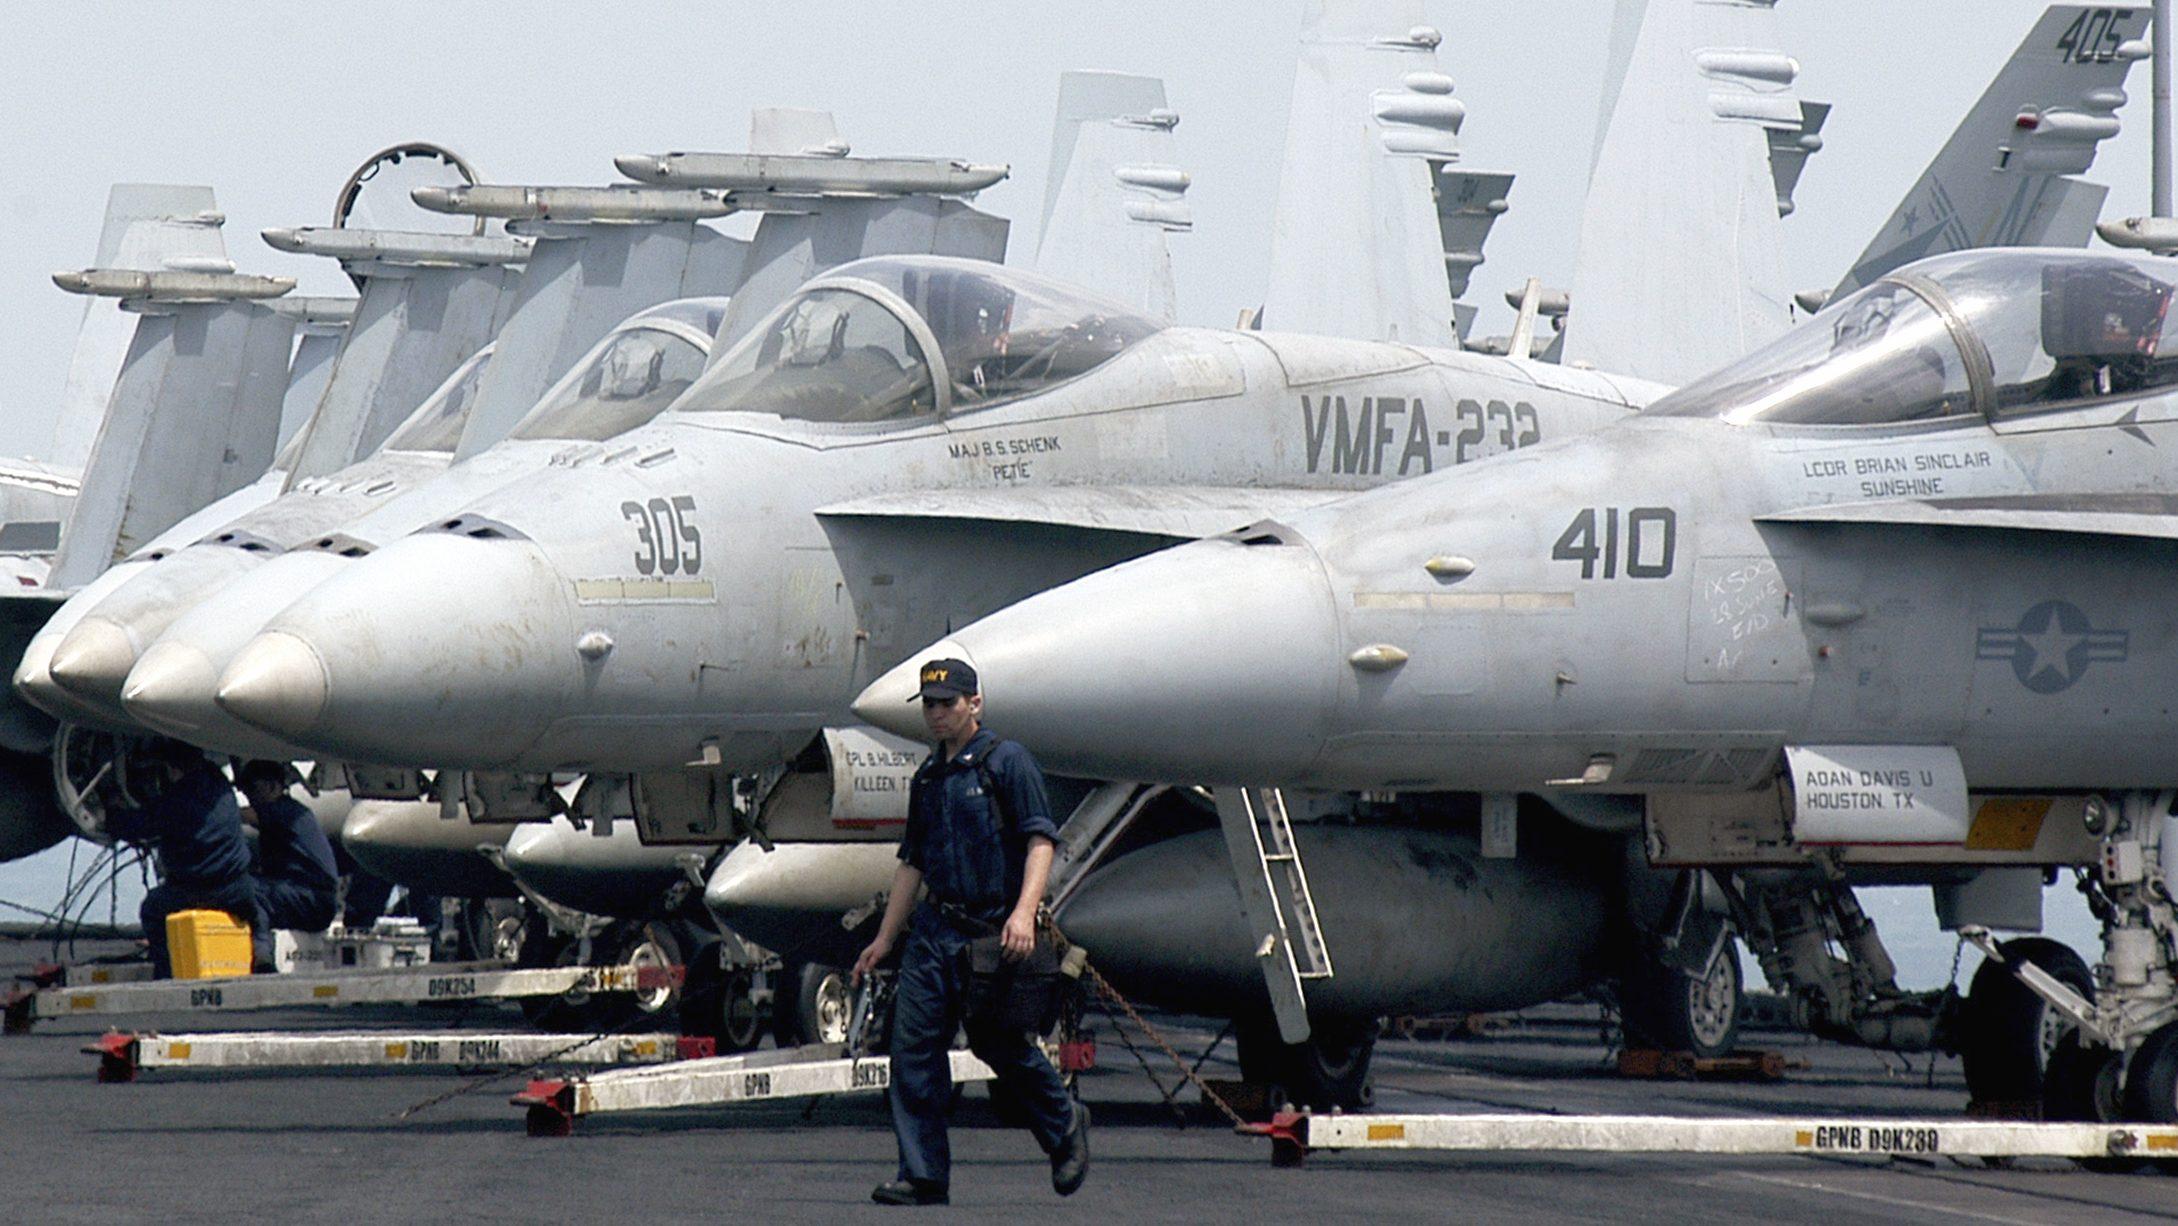 The US Navy's Super Hornet